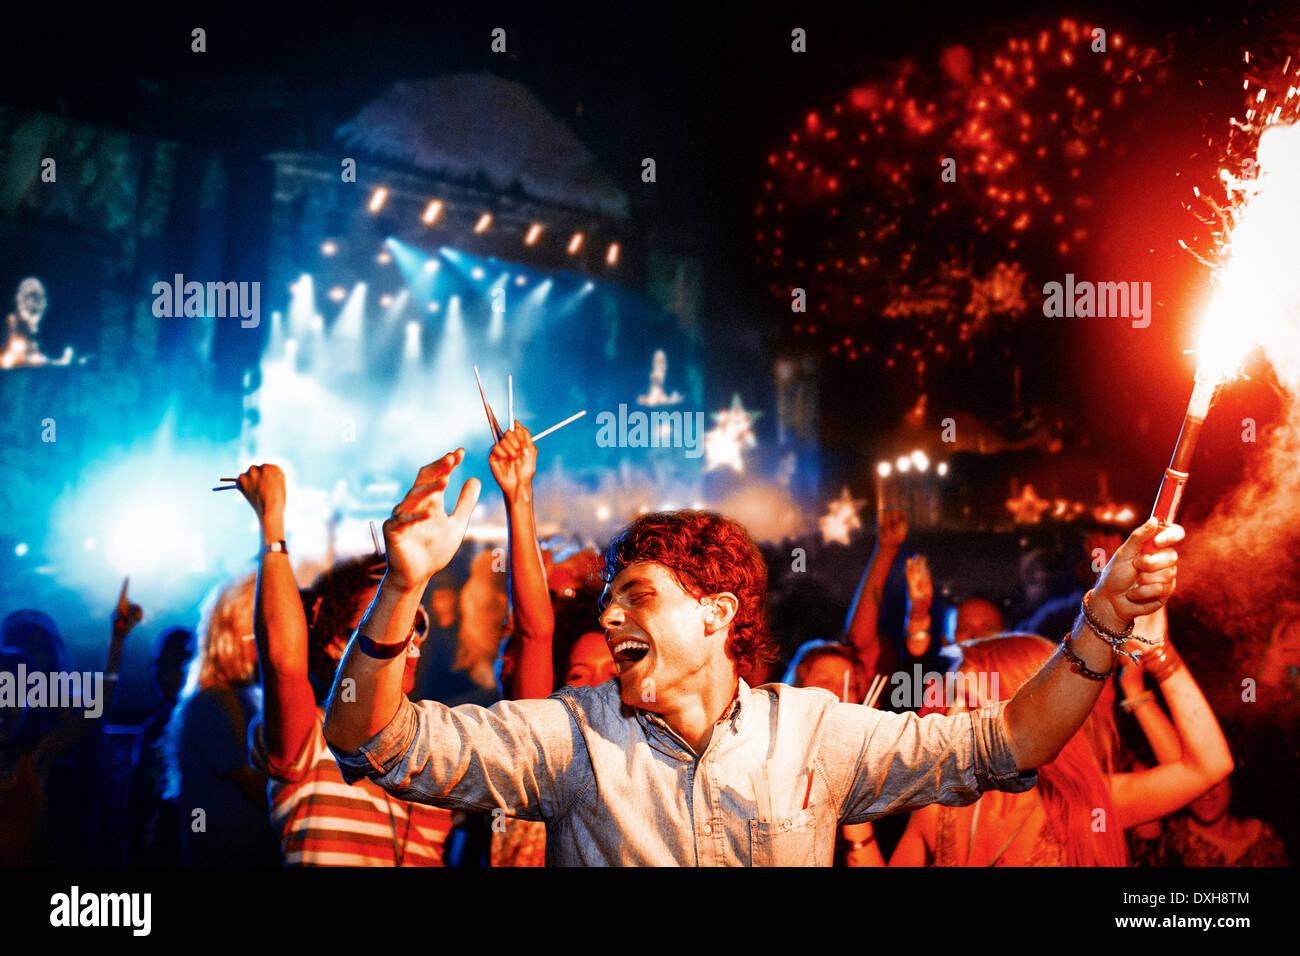 Fans avec Fireworks at music festival Photo Stock